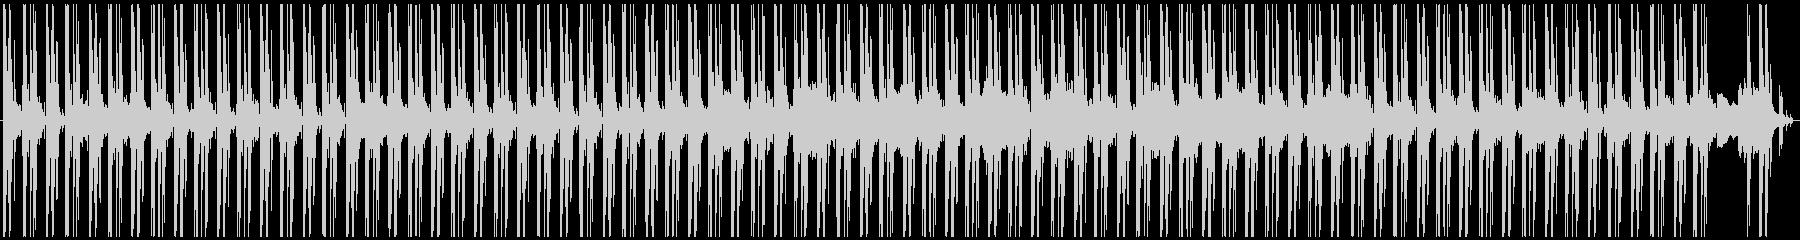 長いピアノのイントロのみ1'30と...の未再生の波形